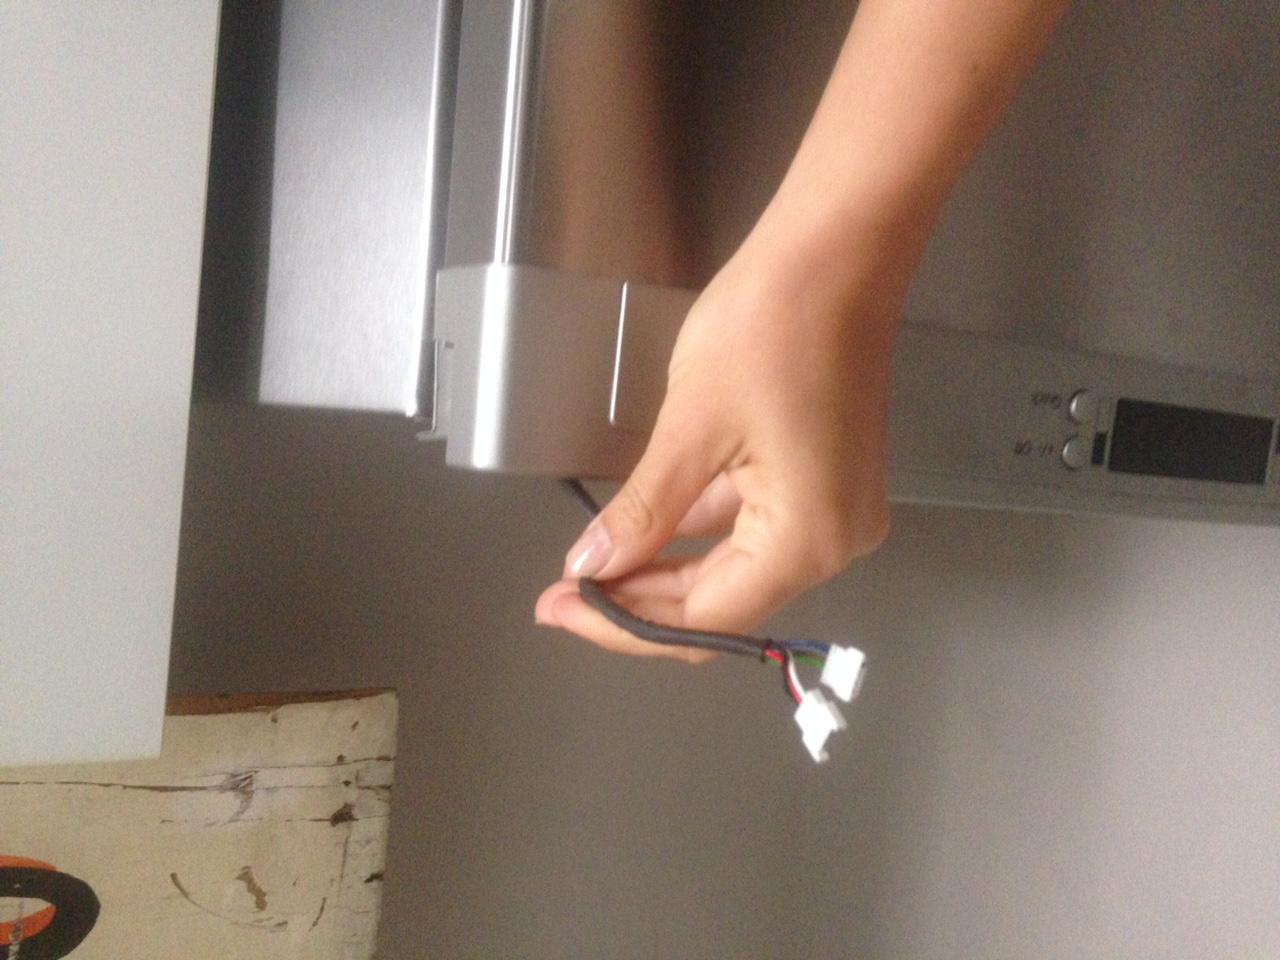 Kühlschrank Türanschlag Wechseln = ich bräuchte hilfe mit meinem elektra bregenz kühlschrank